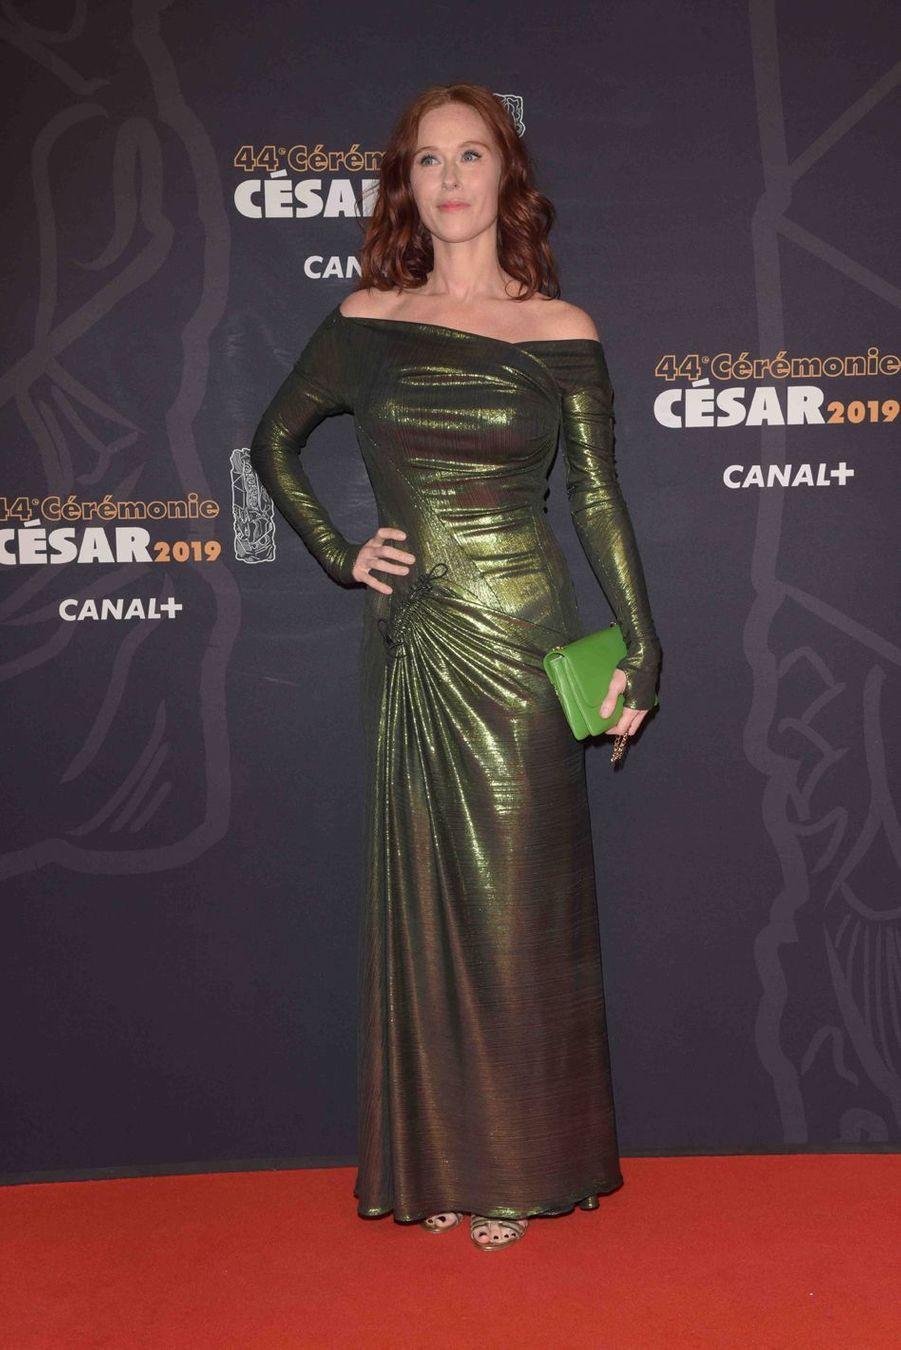 Audrey Fleurotà la 44e cérémonie des César à la Salle Pleyel à Paris le 22 février 2019